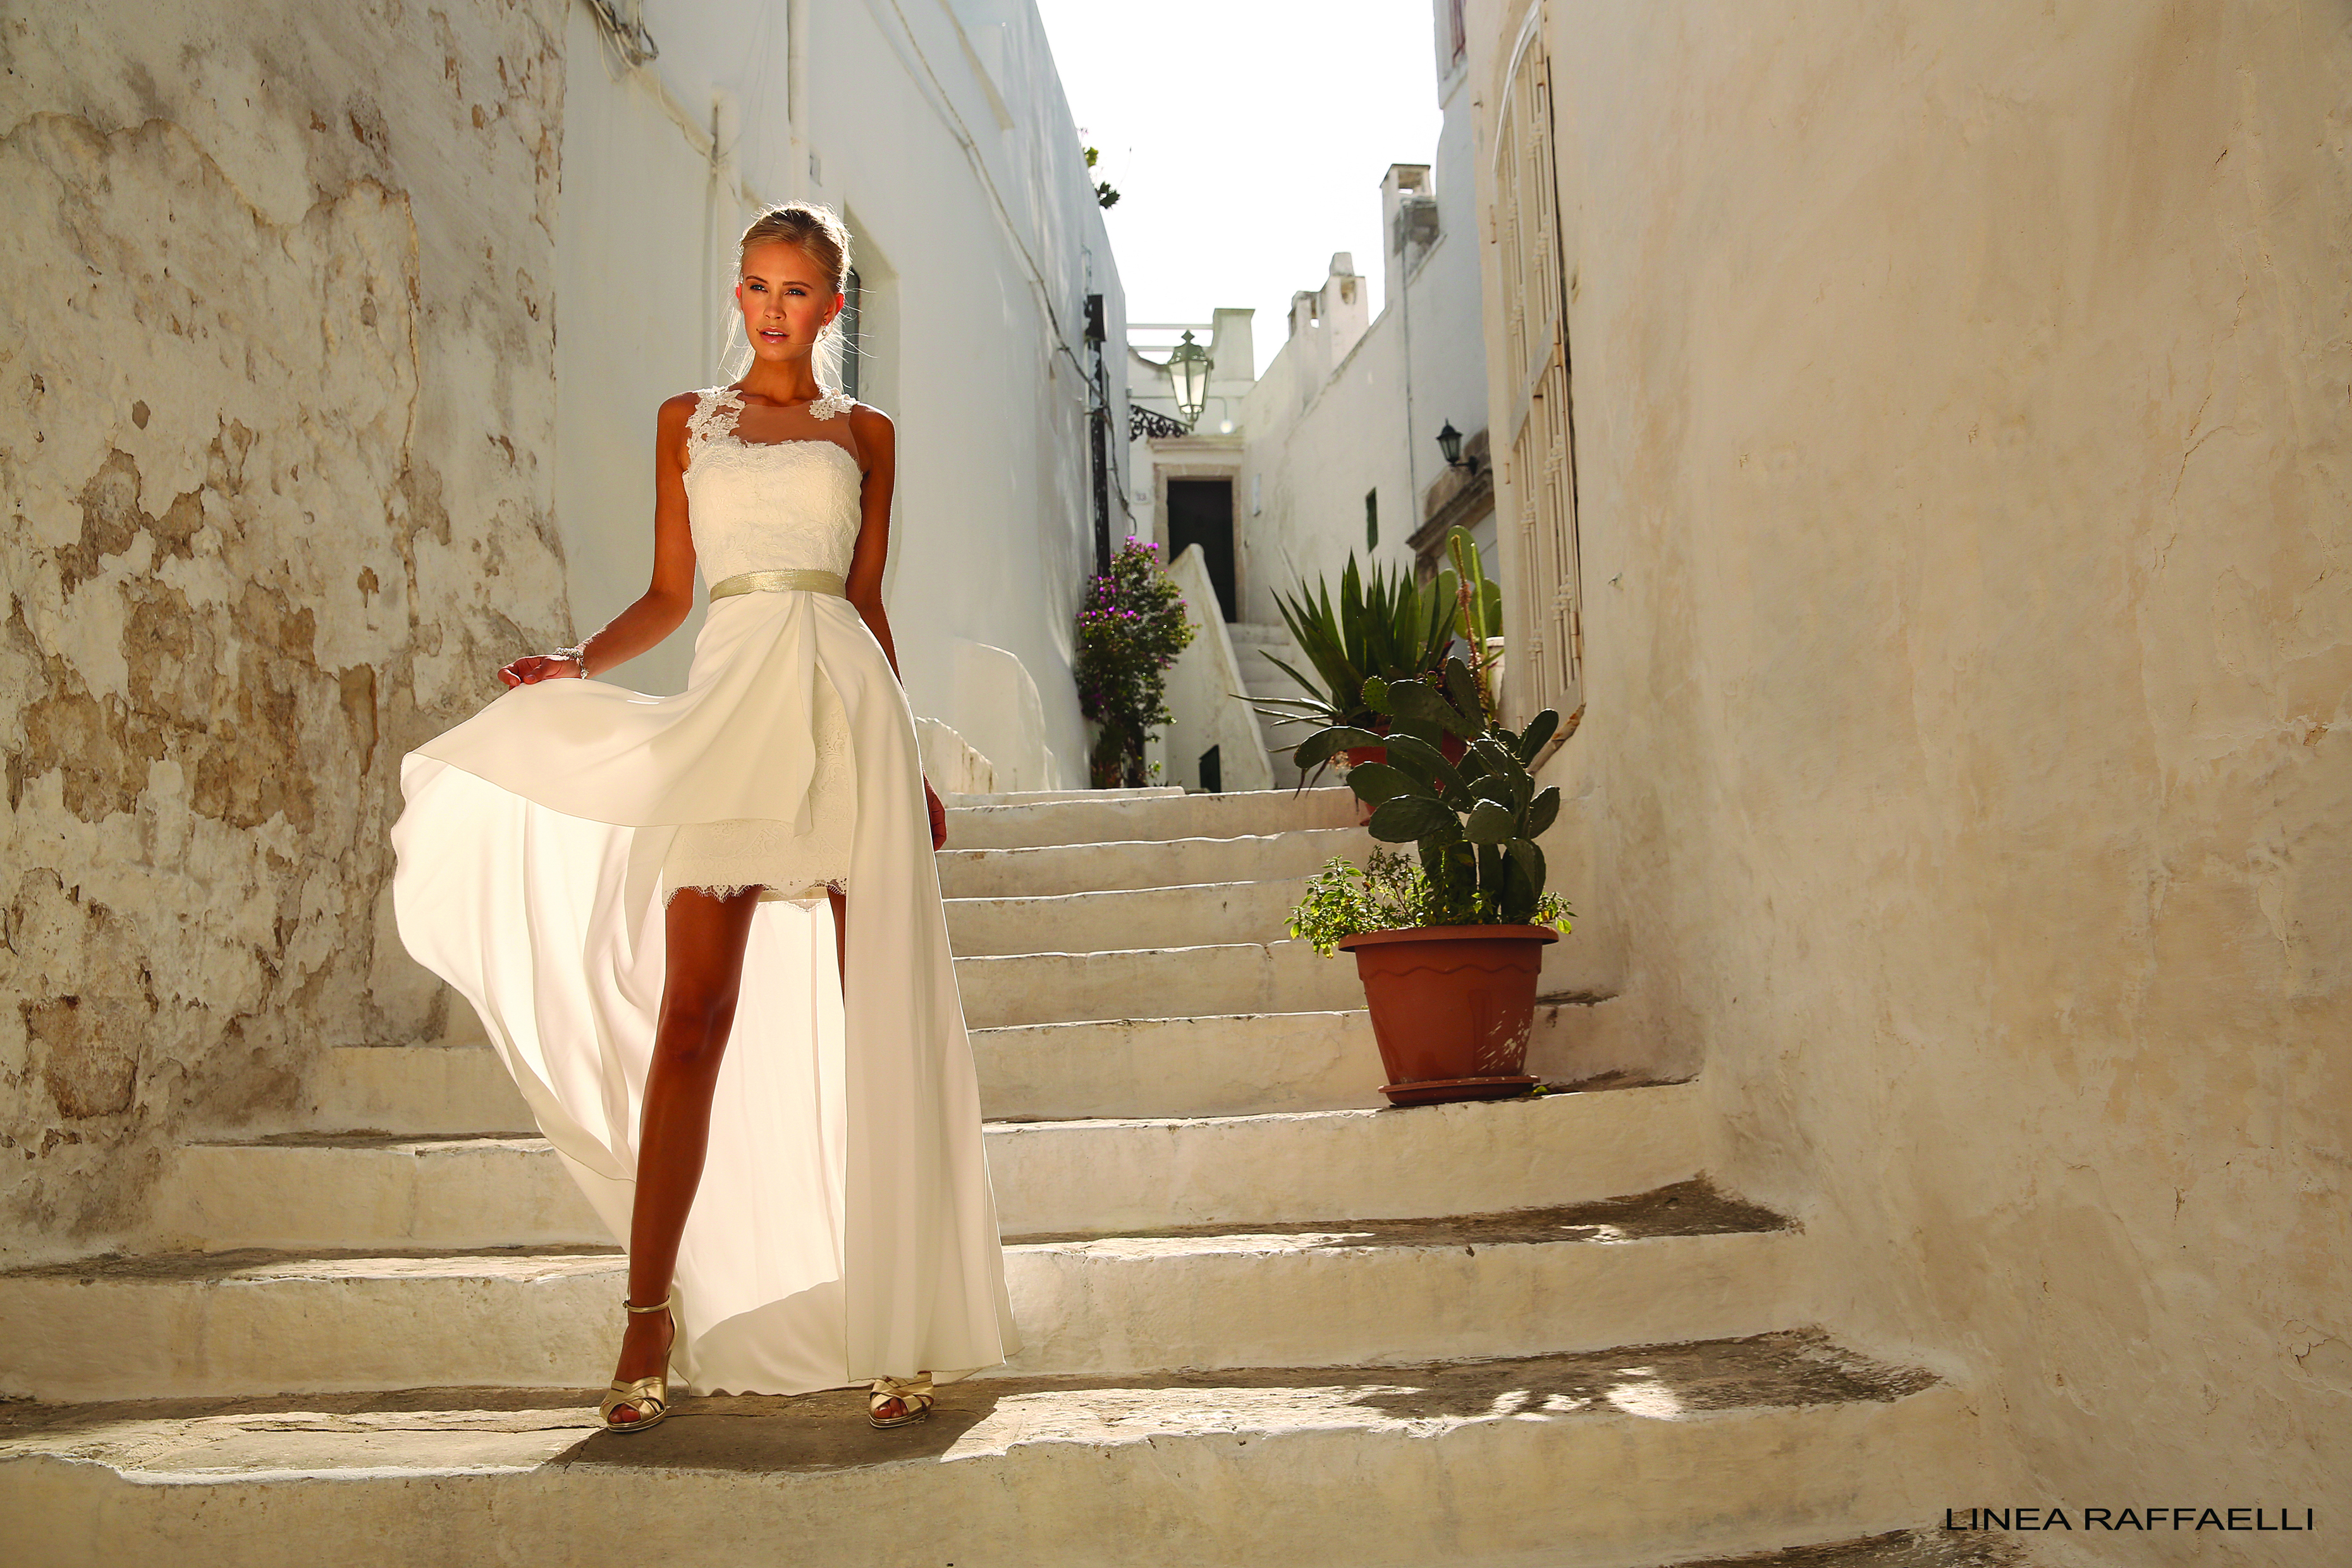 Luftig und schick - kurze Brautkleider zur Hochzeit ...